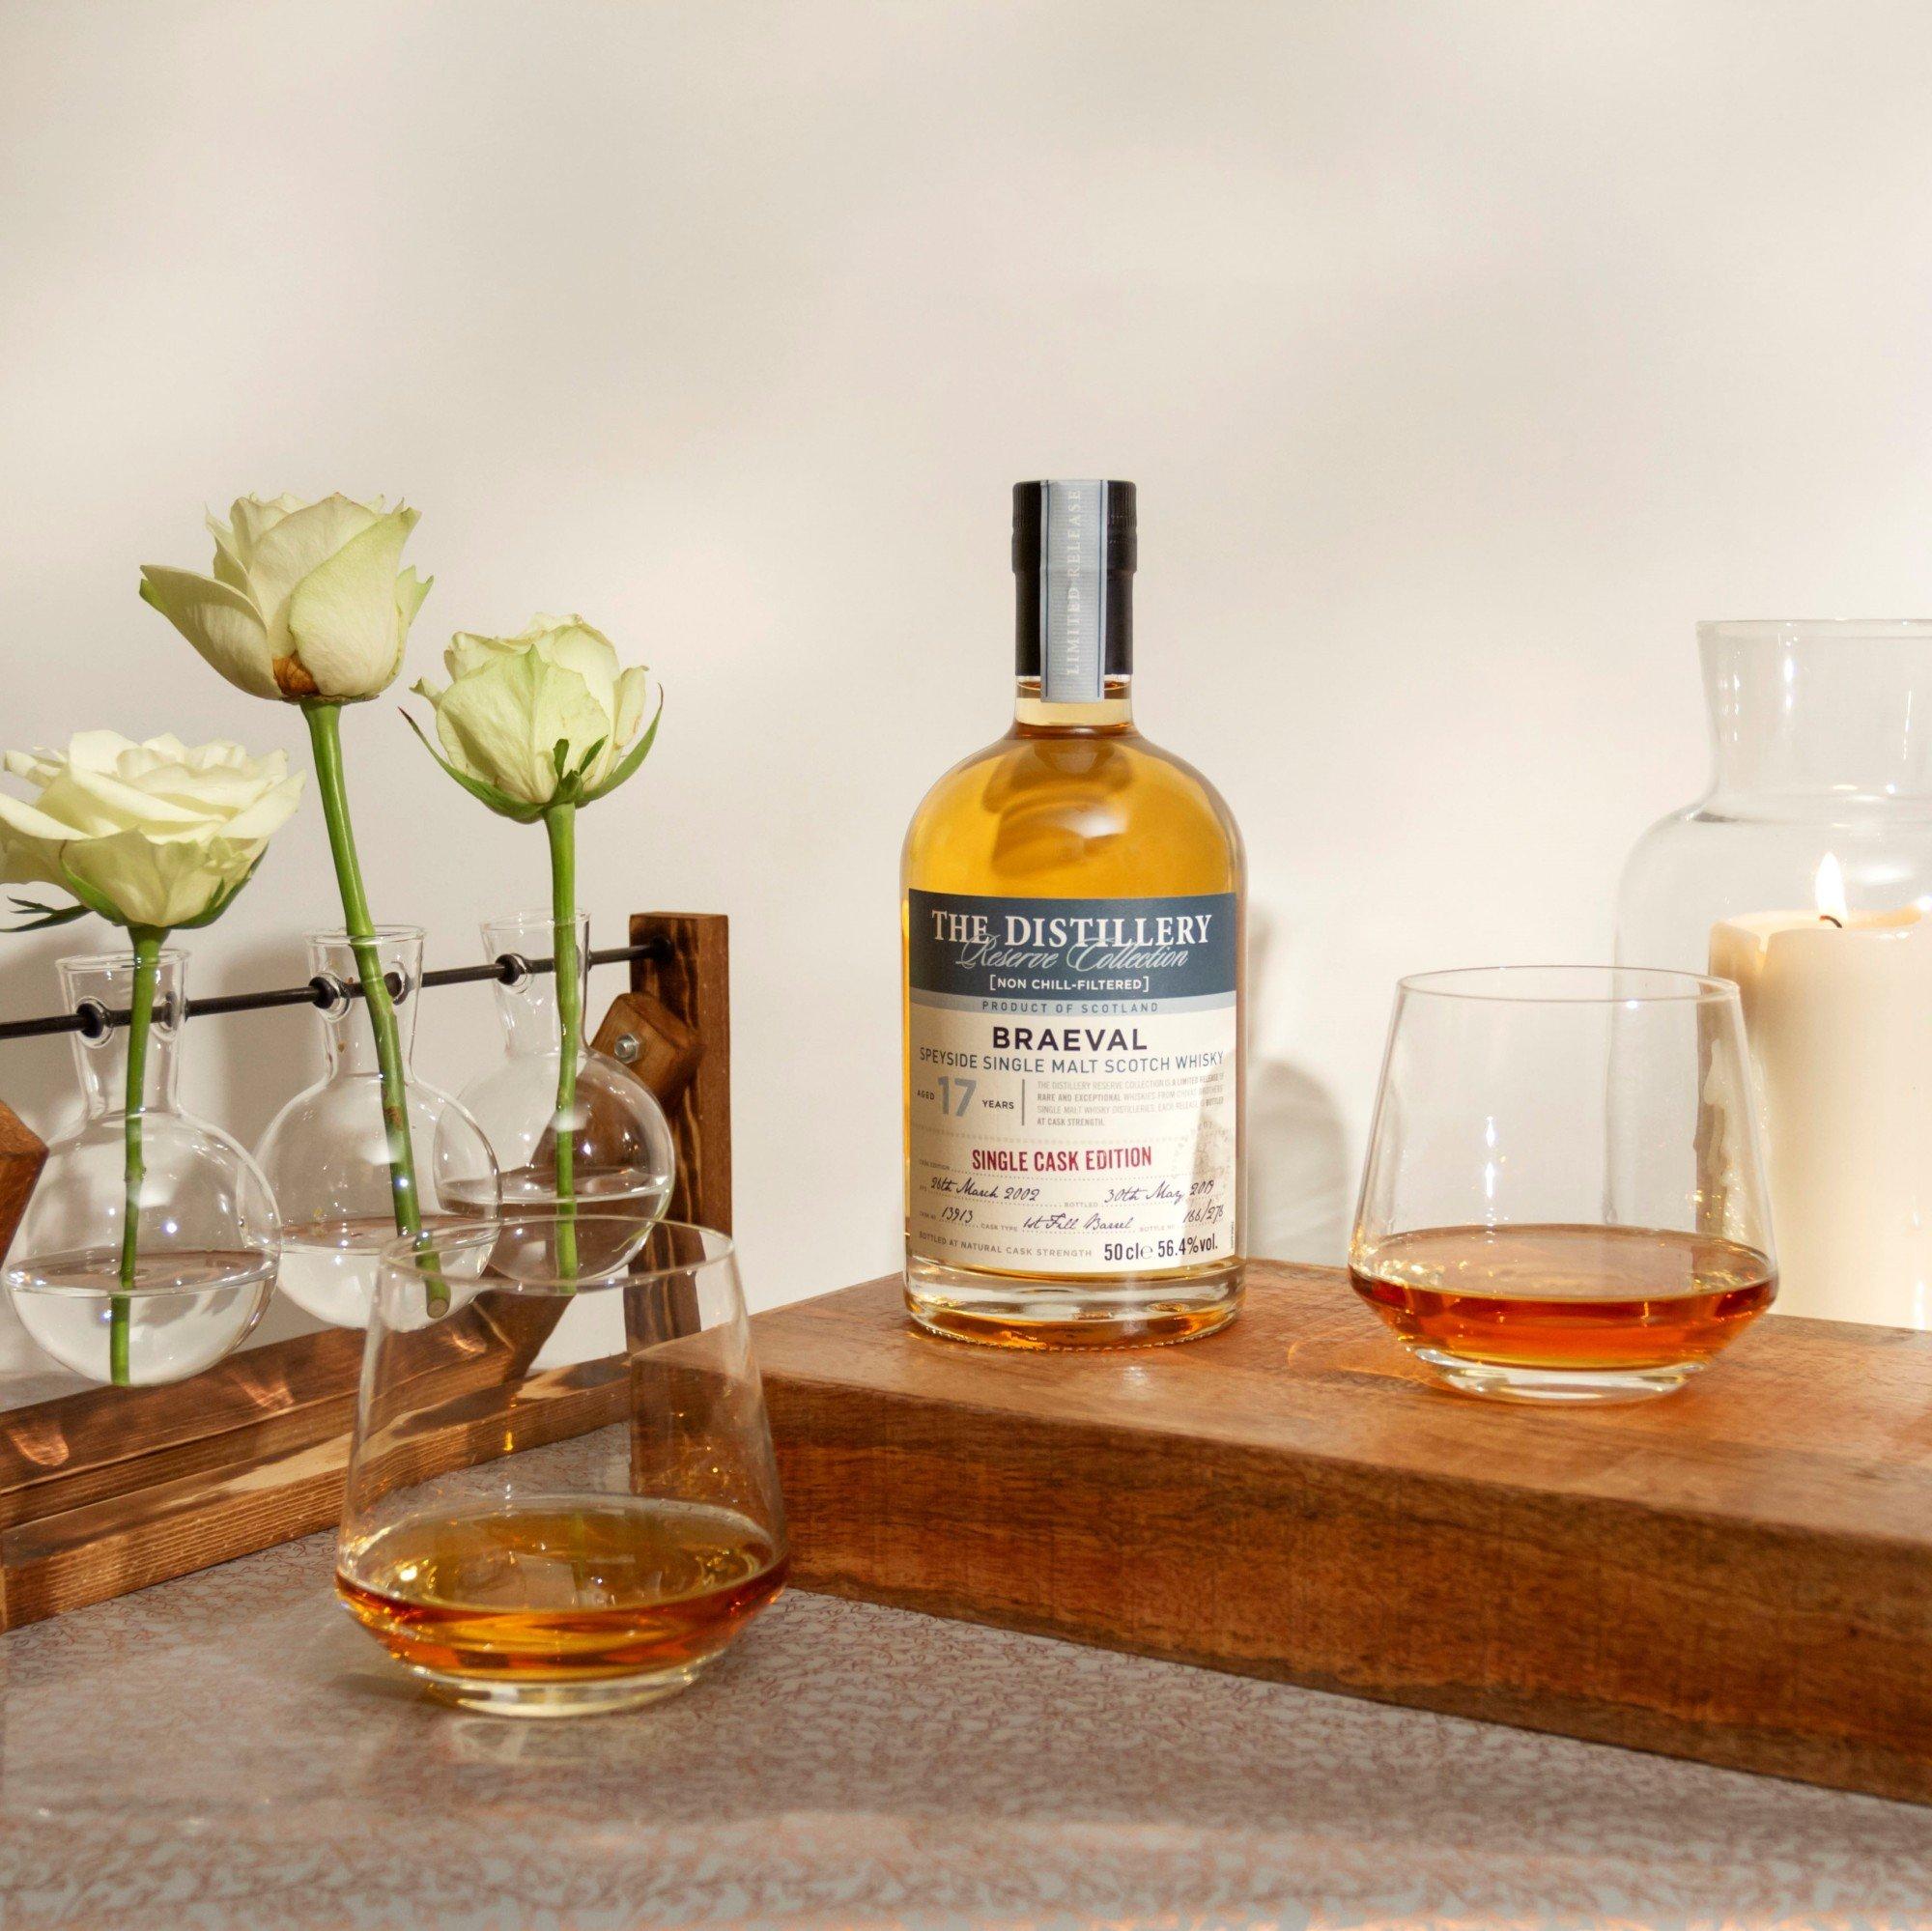 Braeval Single Malt Whisky